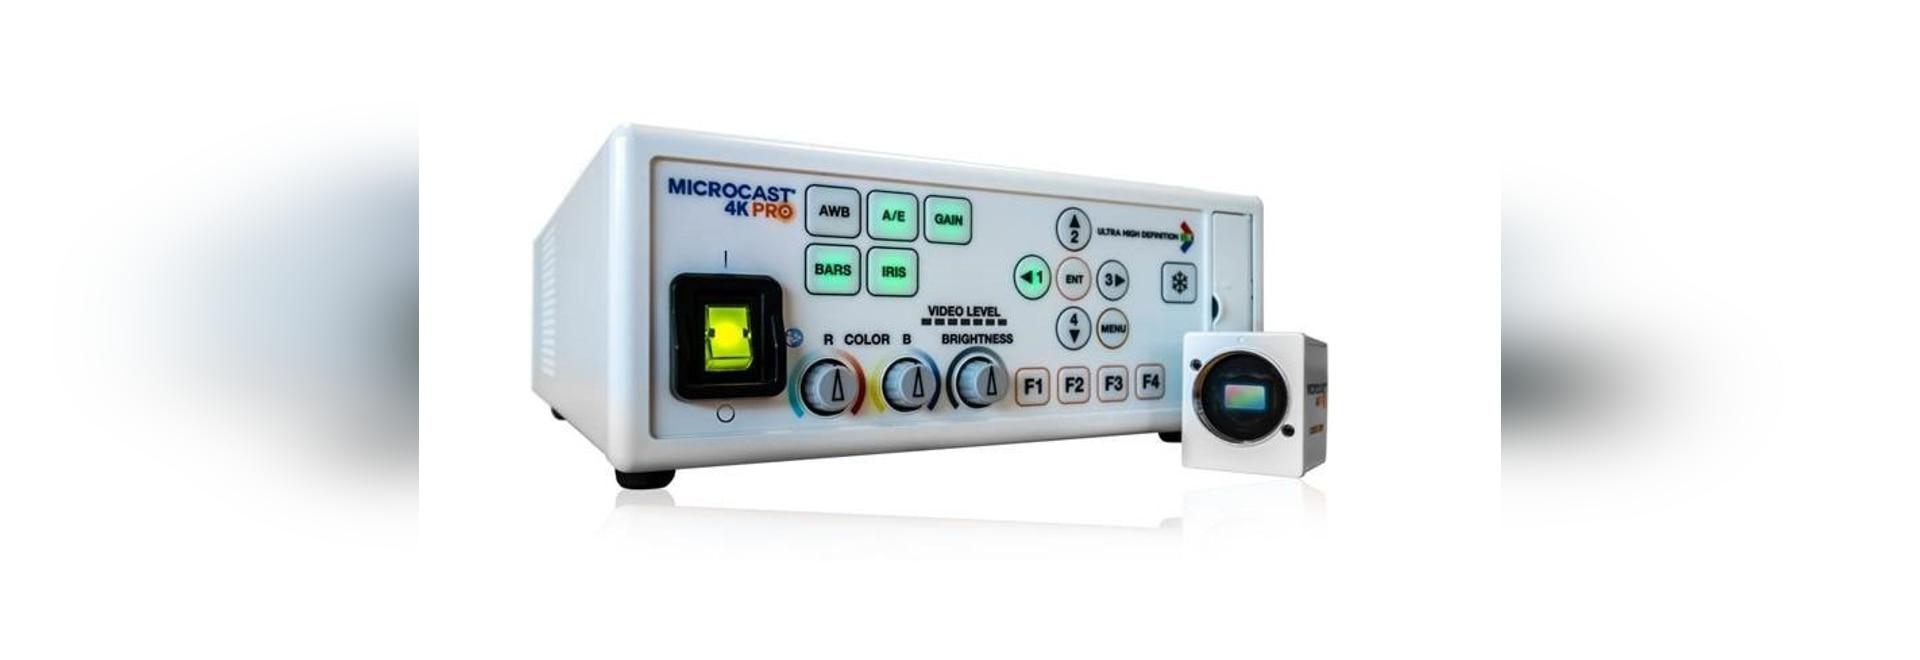 Les systèmes de caméra vidéo se relient aux microscopes